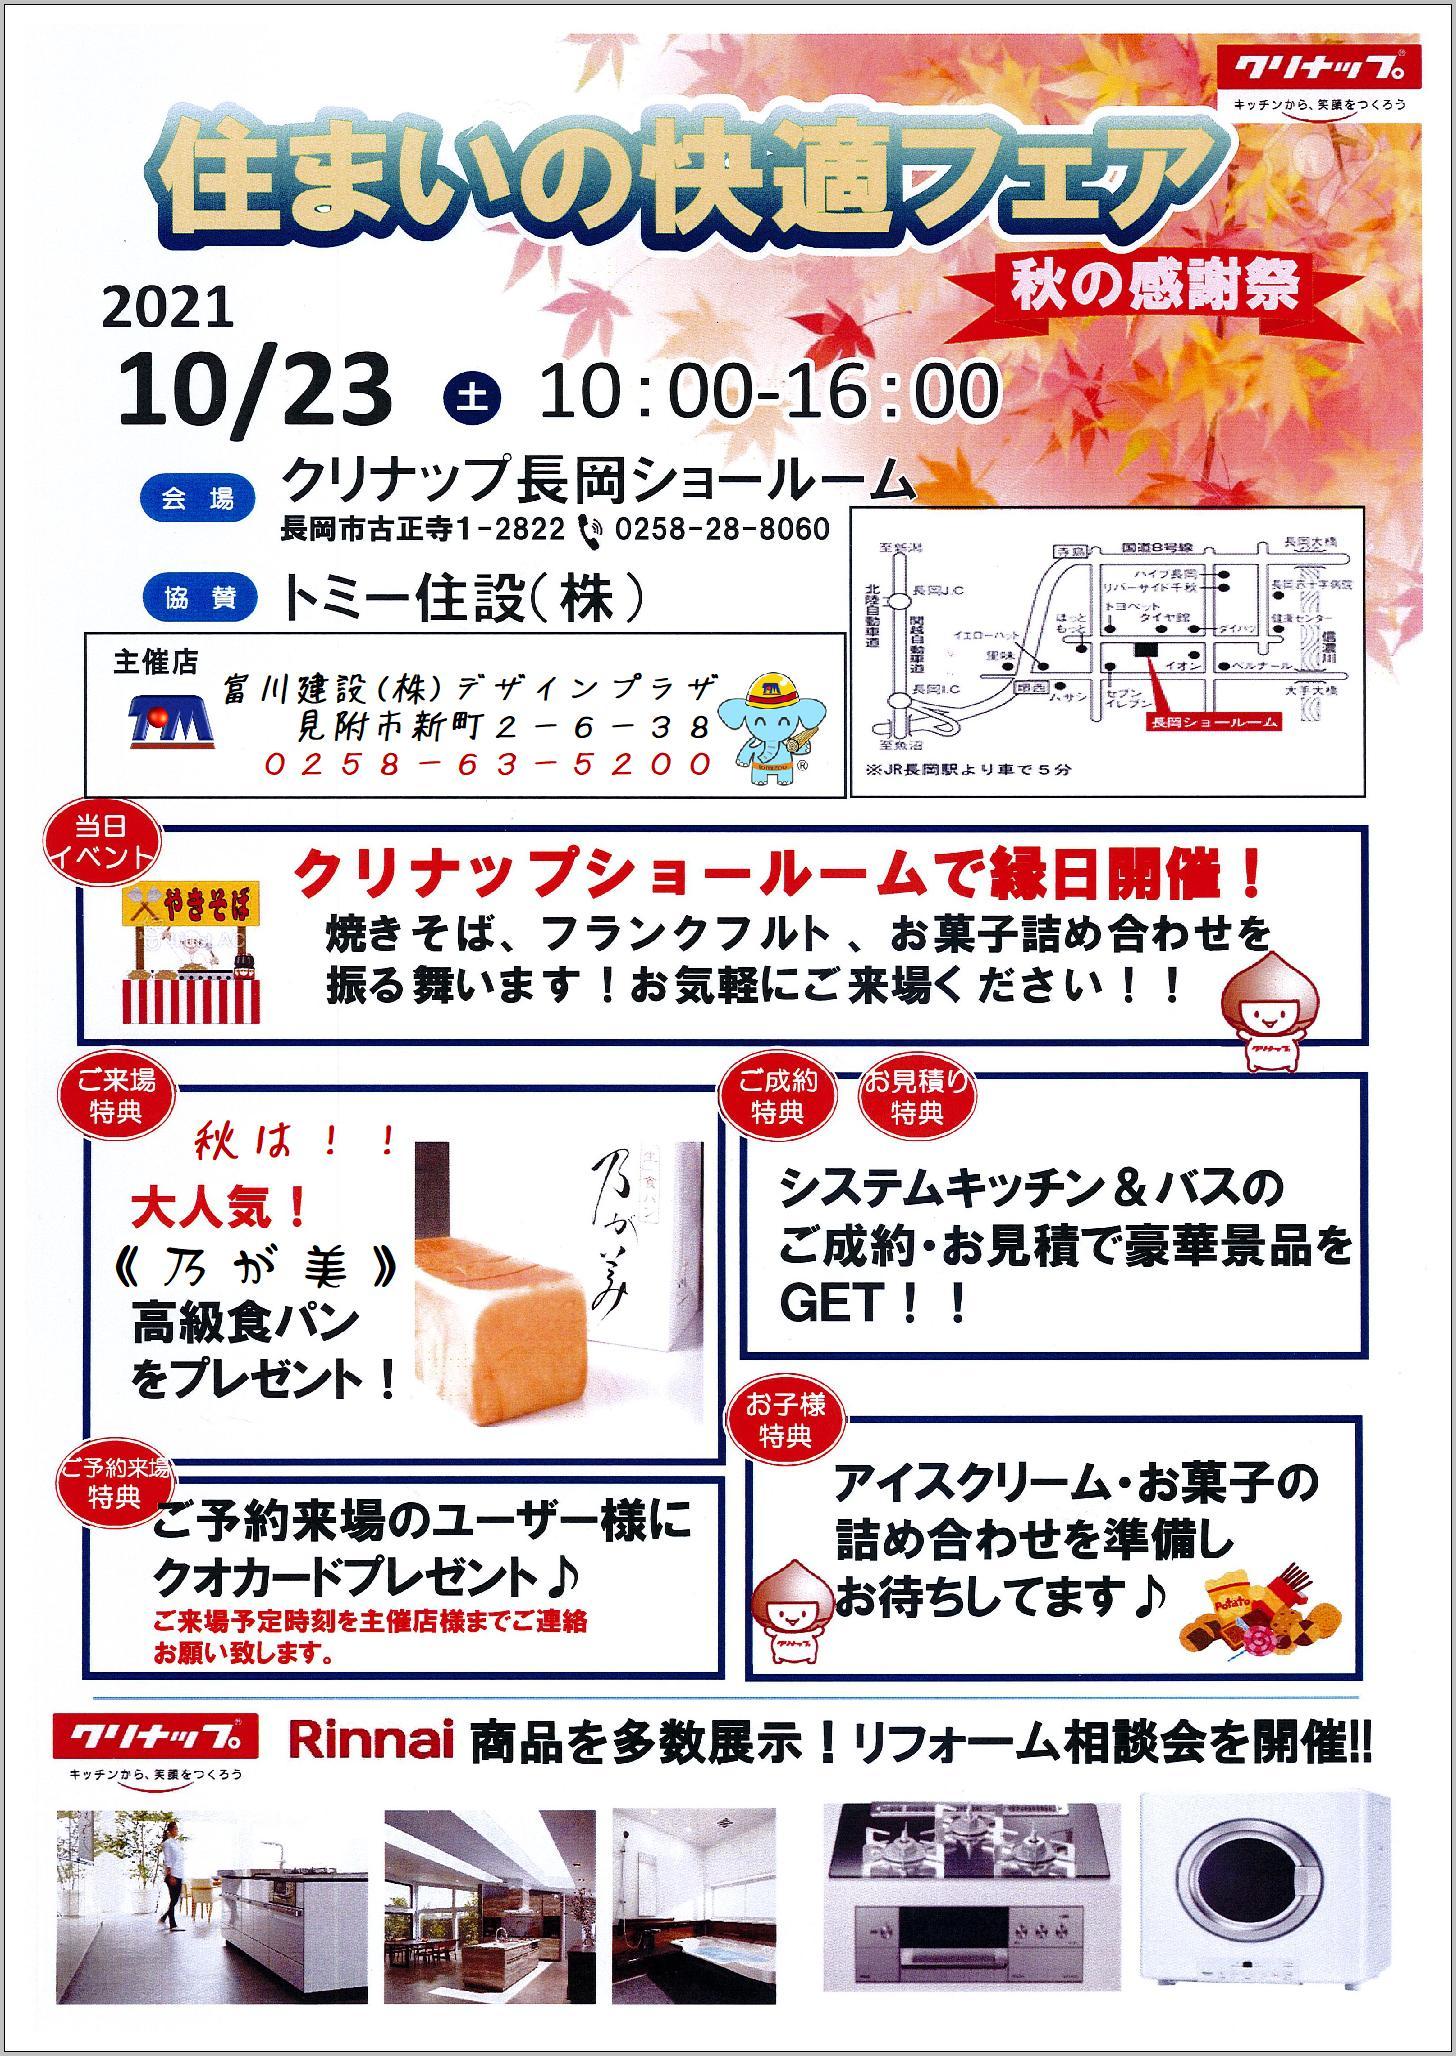 10月23日(土)住まいの快適フェア2021秋の感謝祭だゾォ~♪